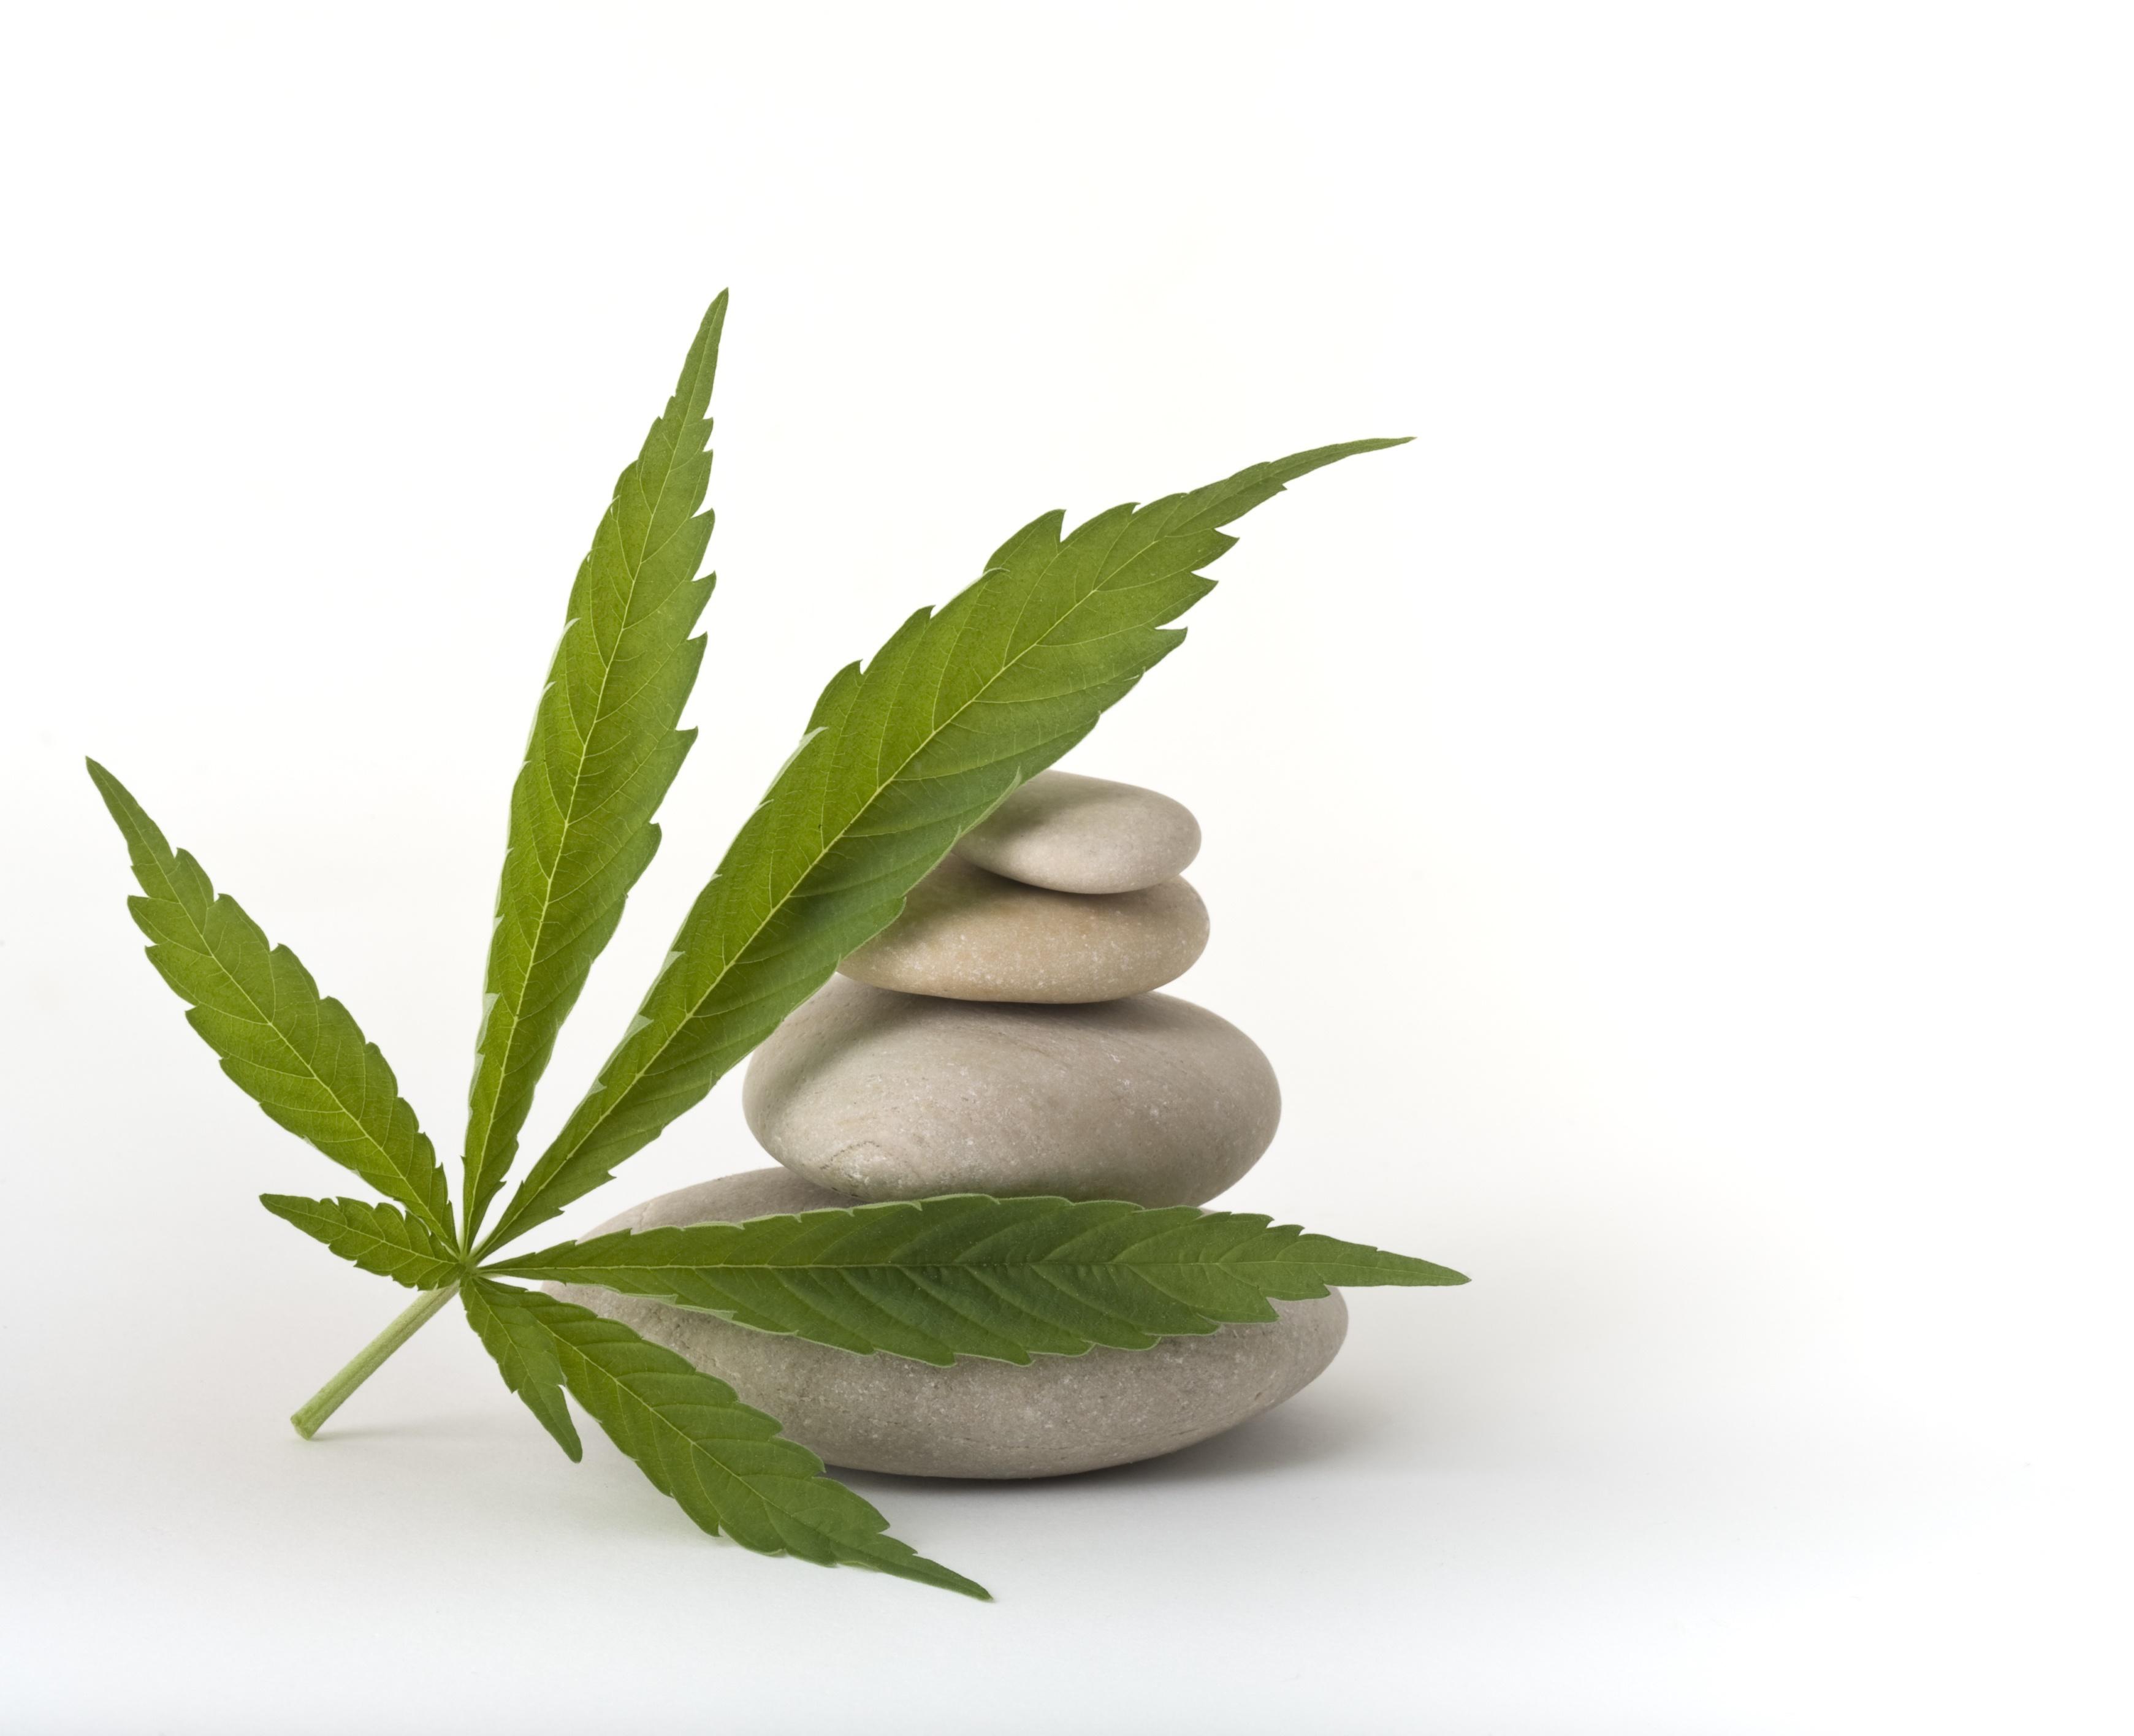 Cannabis + spa